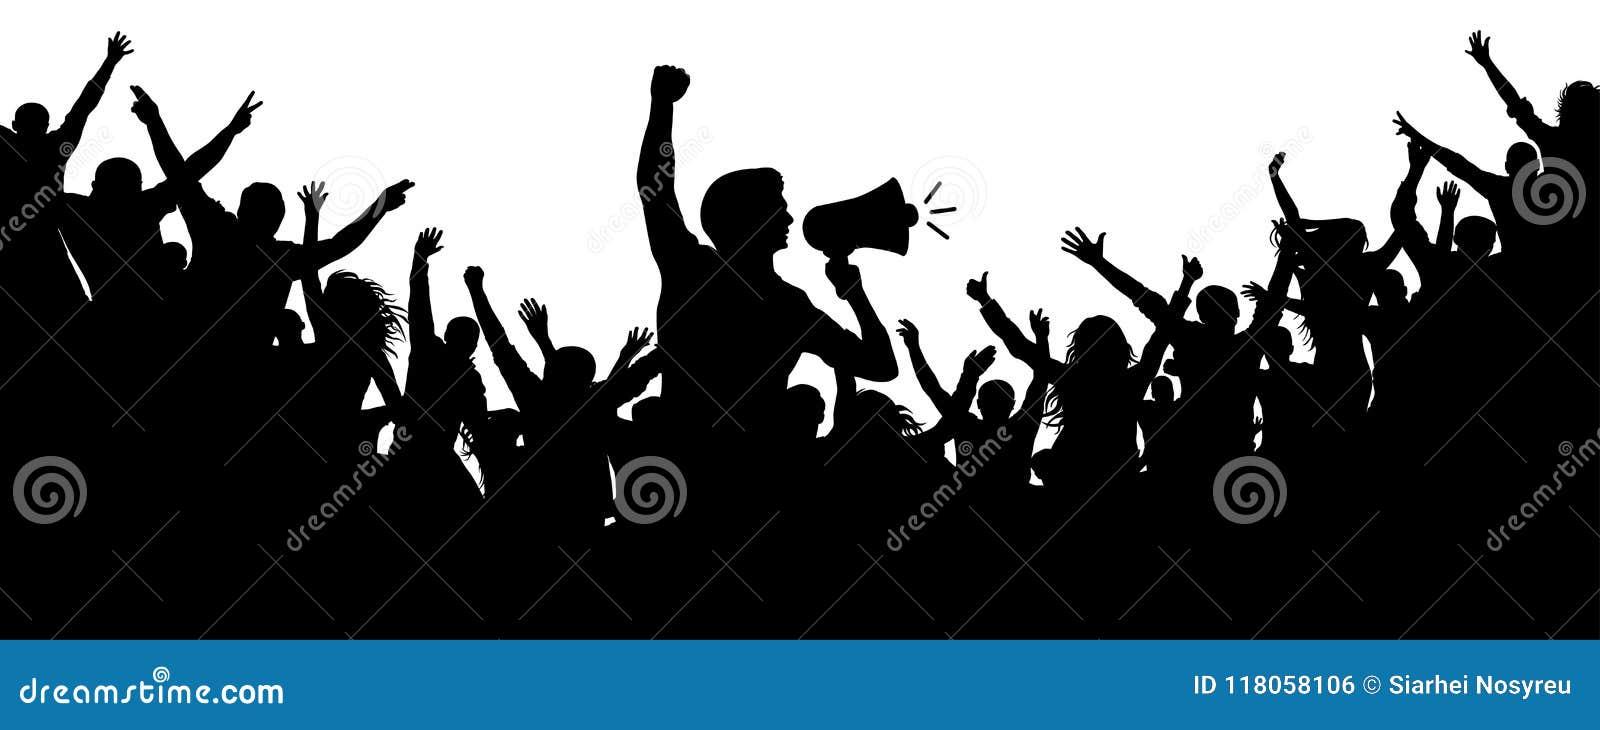 Multitud De Gente Silueta: Motivador Humano Muchedumbre De Vector De La Silueta De La